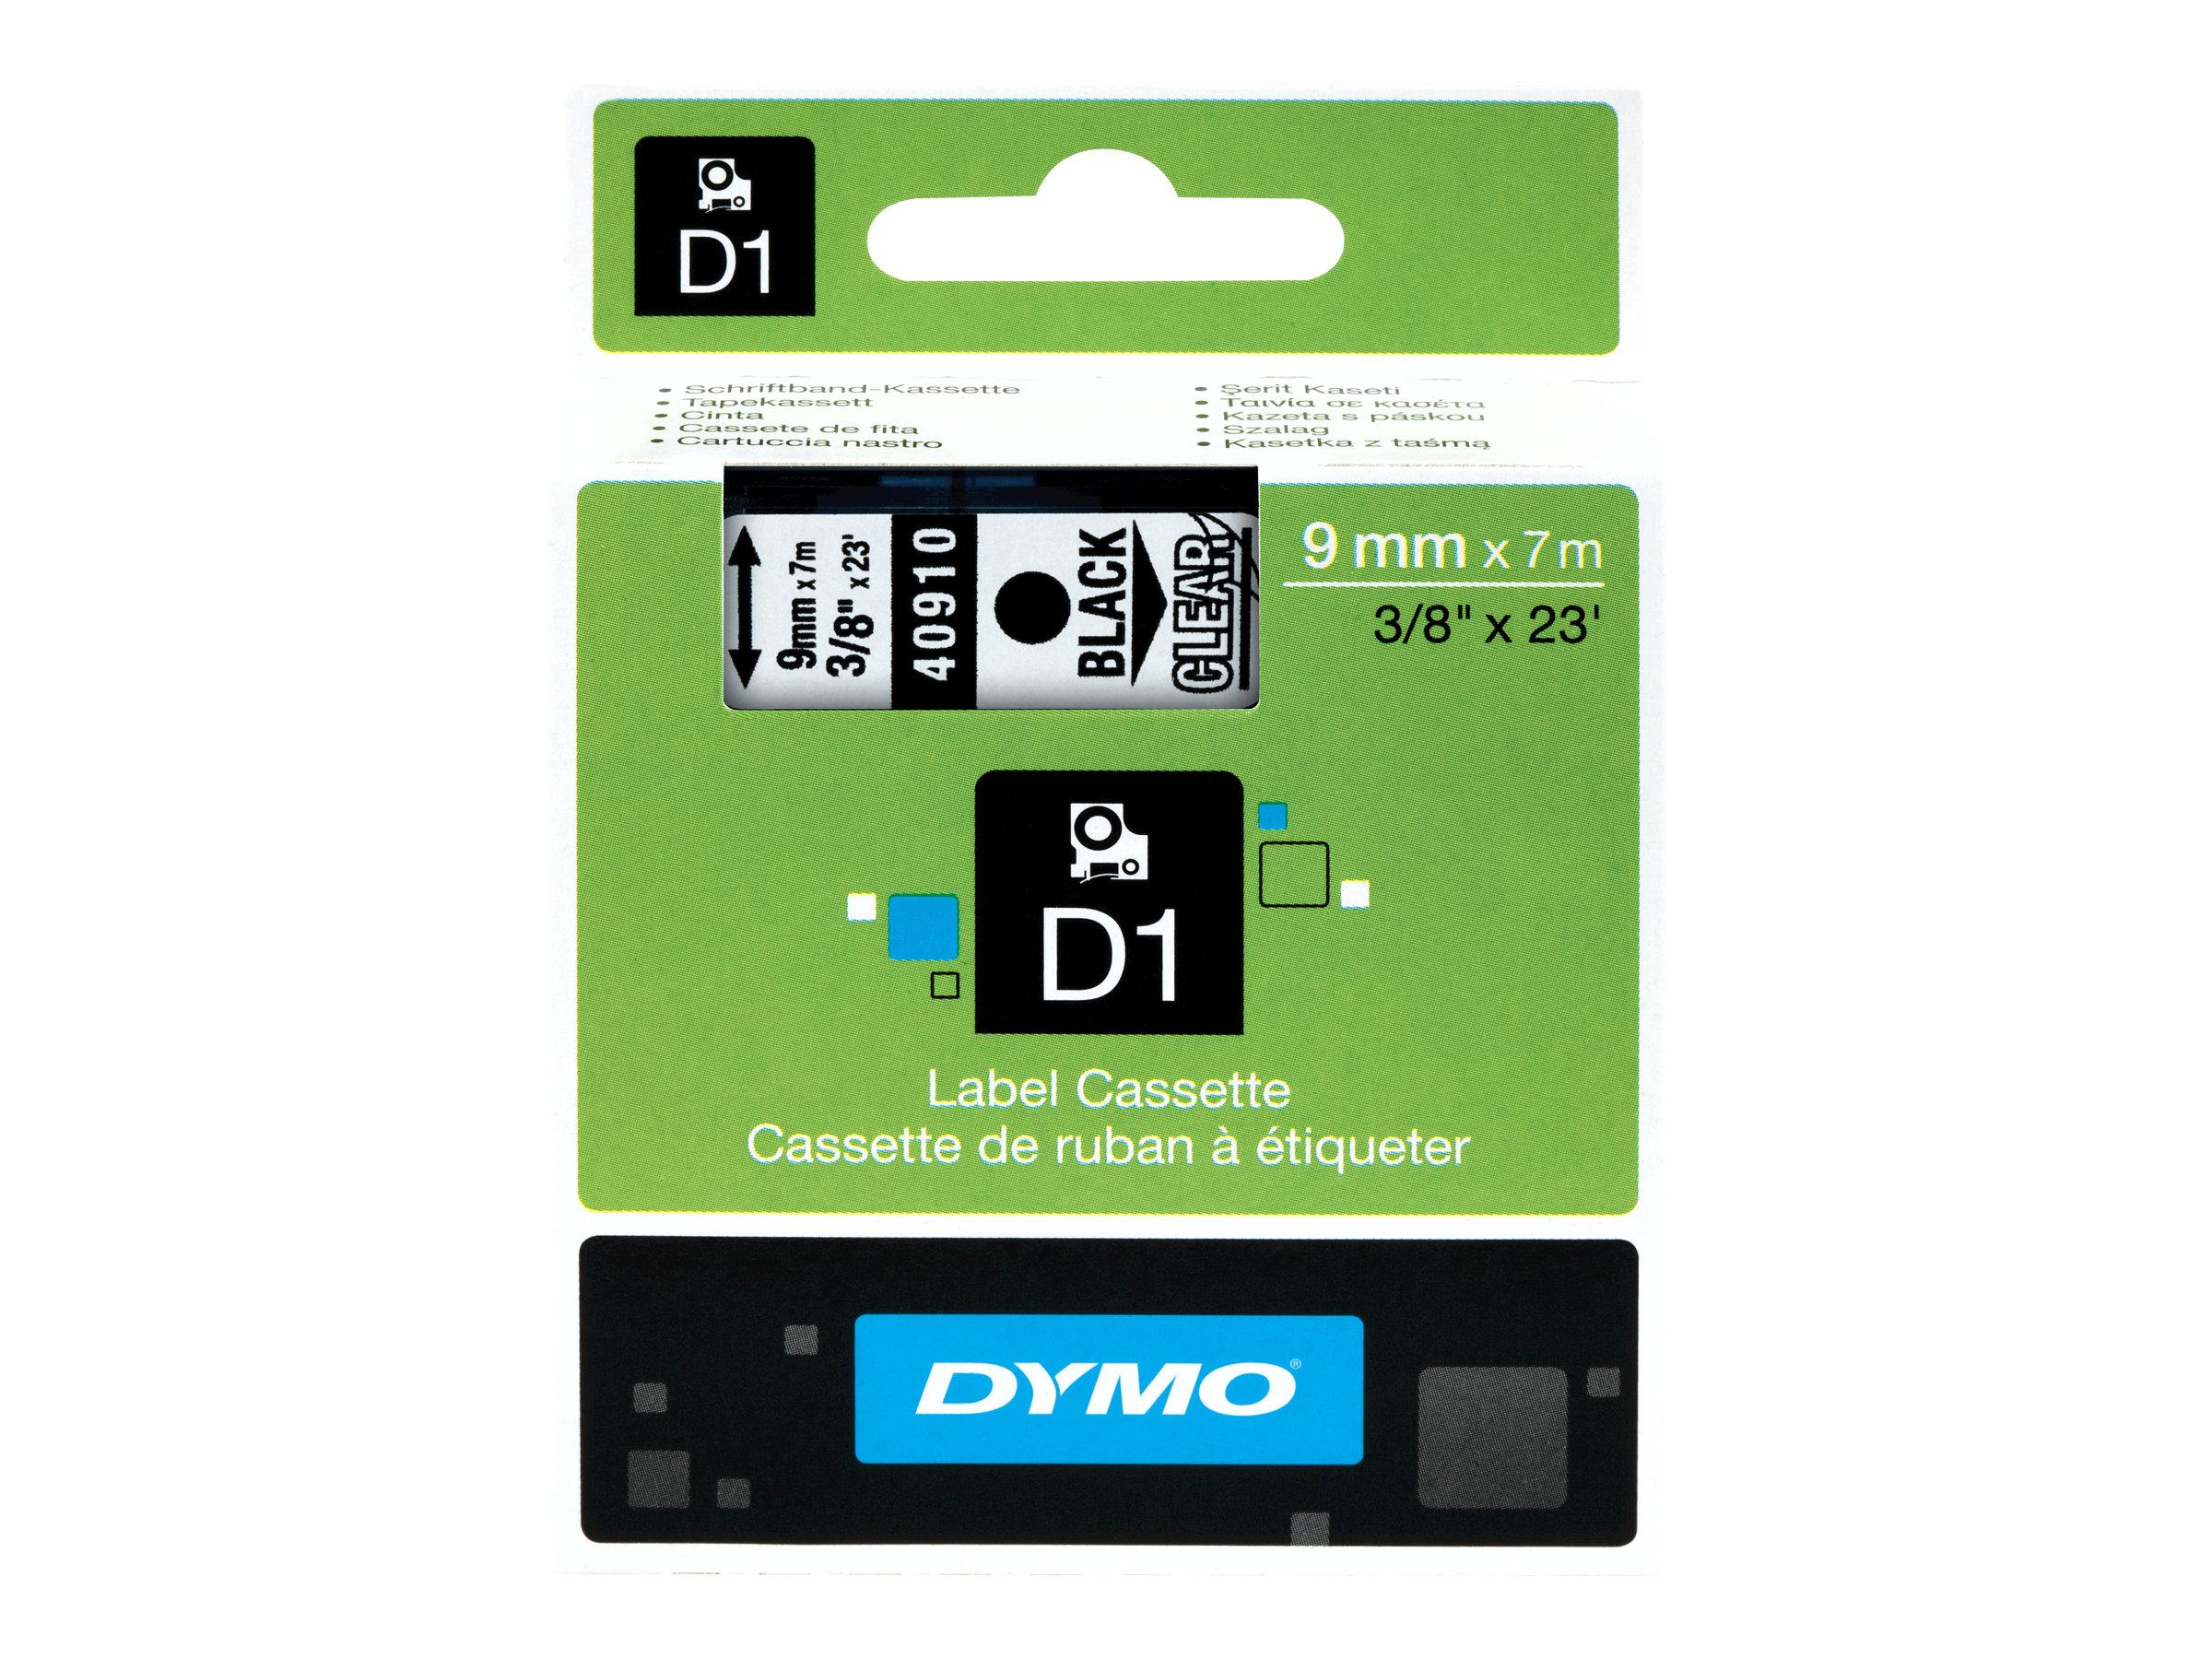 DYMO D1 - Selbstklebend - Schwarz auf Transparent - Rolle (0,9 cm x 7 m) 1 Rolle(n) Etikettenband - für LabelMANAGER 100, 160, 2